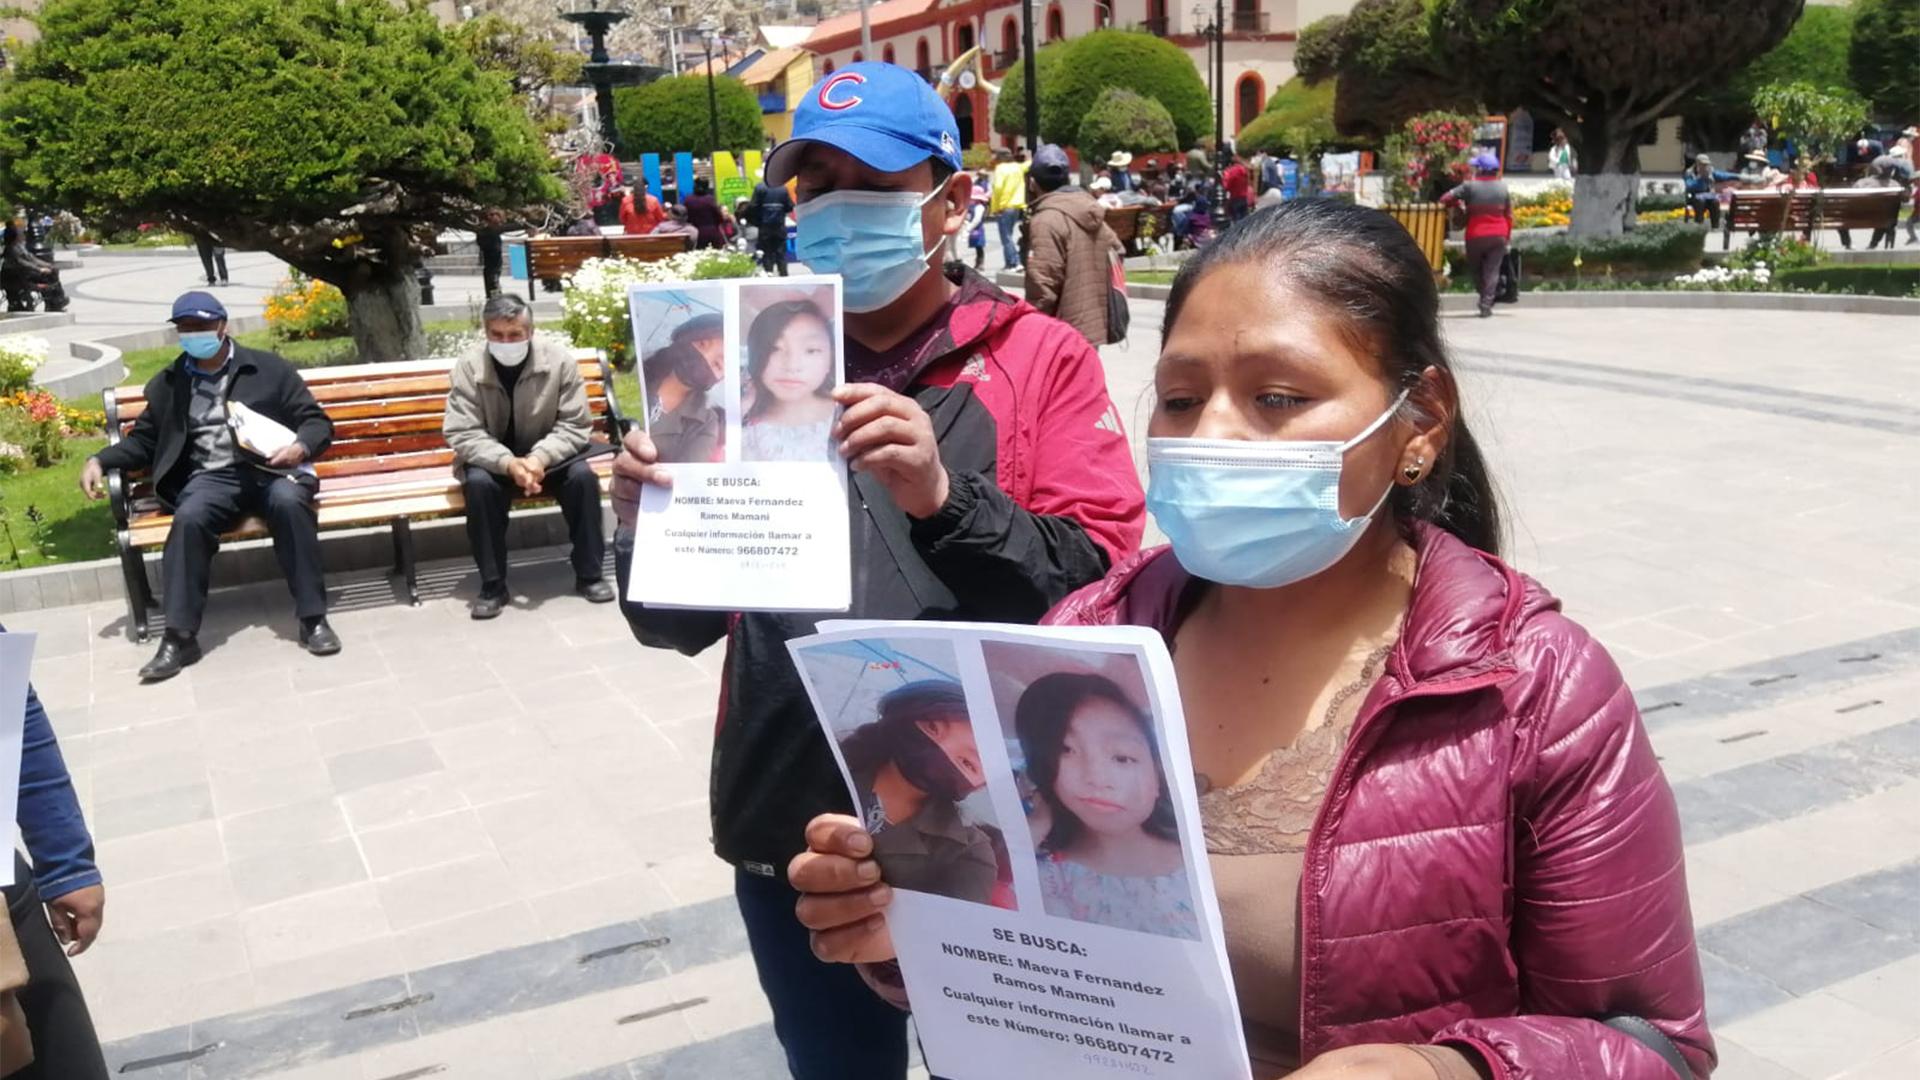 Menor de 13 años desaparecida el pasado 8 de octubre -Puno